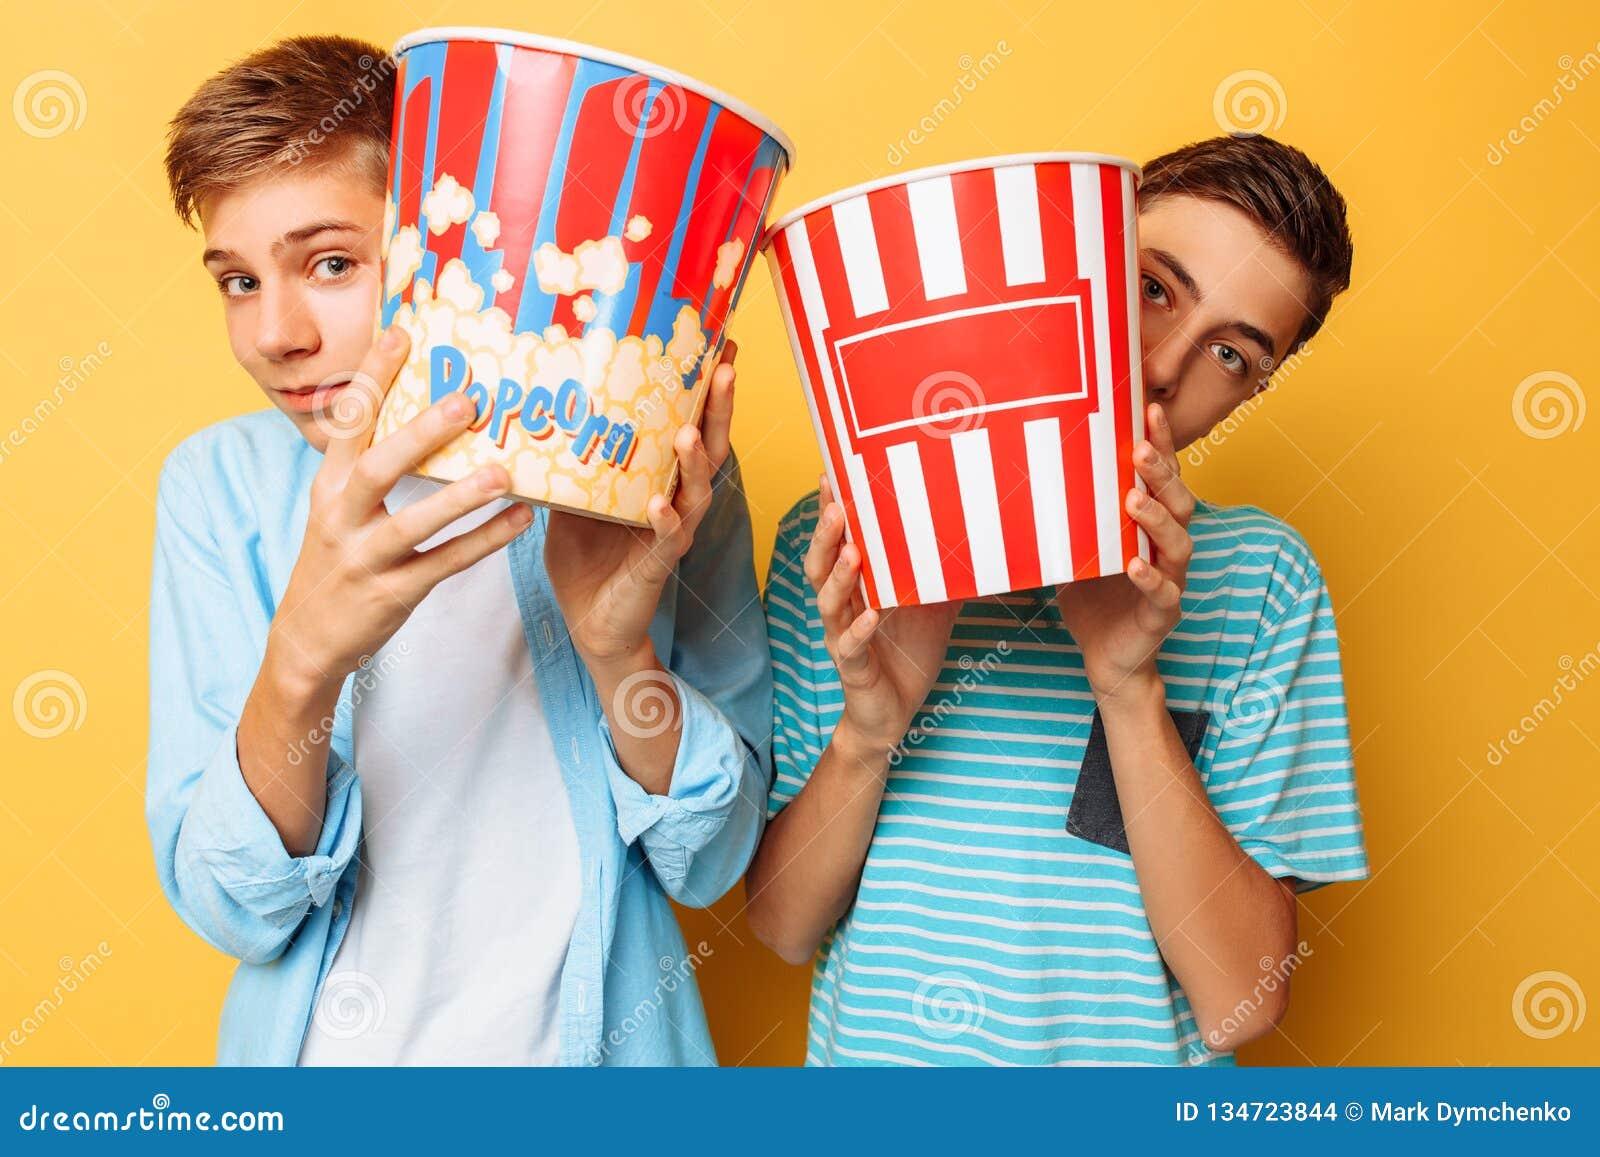 Wizerunek dwa przestraszył nastolatków, faceci ogląda horror i chuje za wiadrem popkorn na żółtym tle